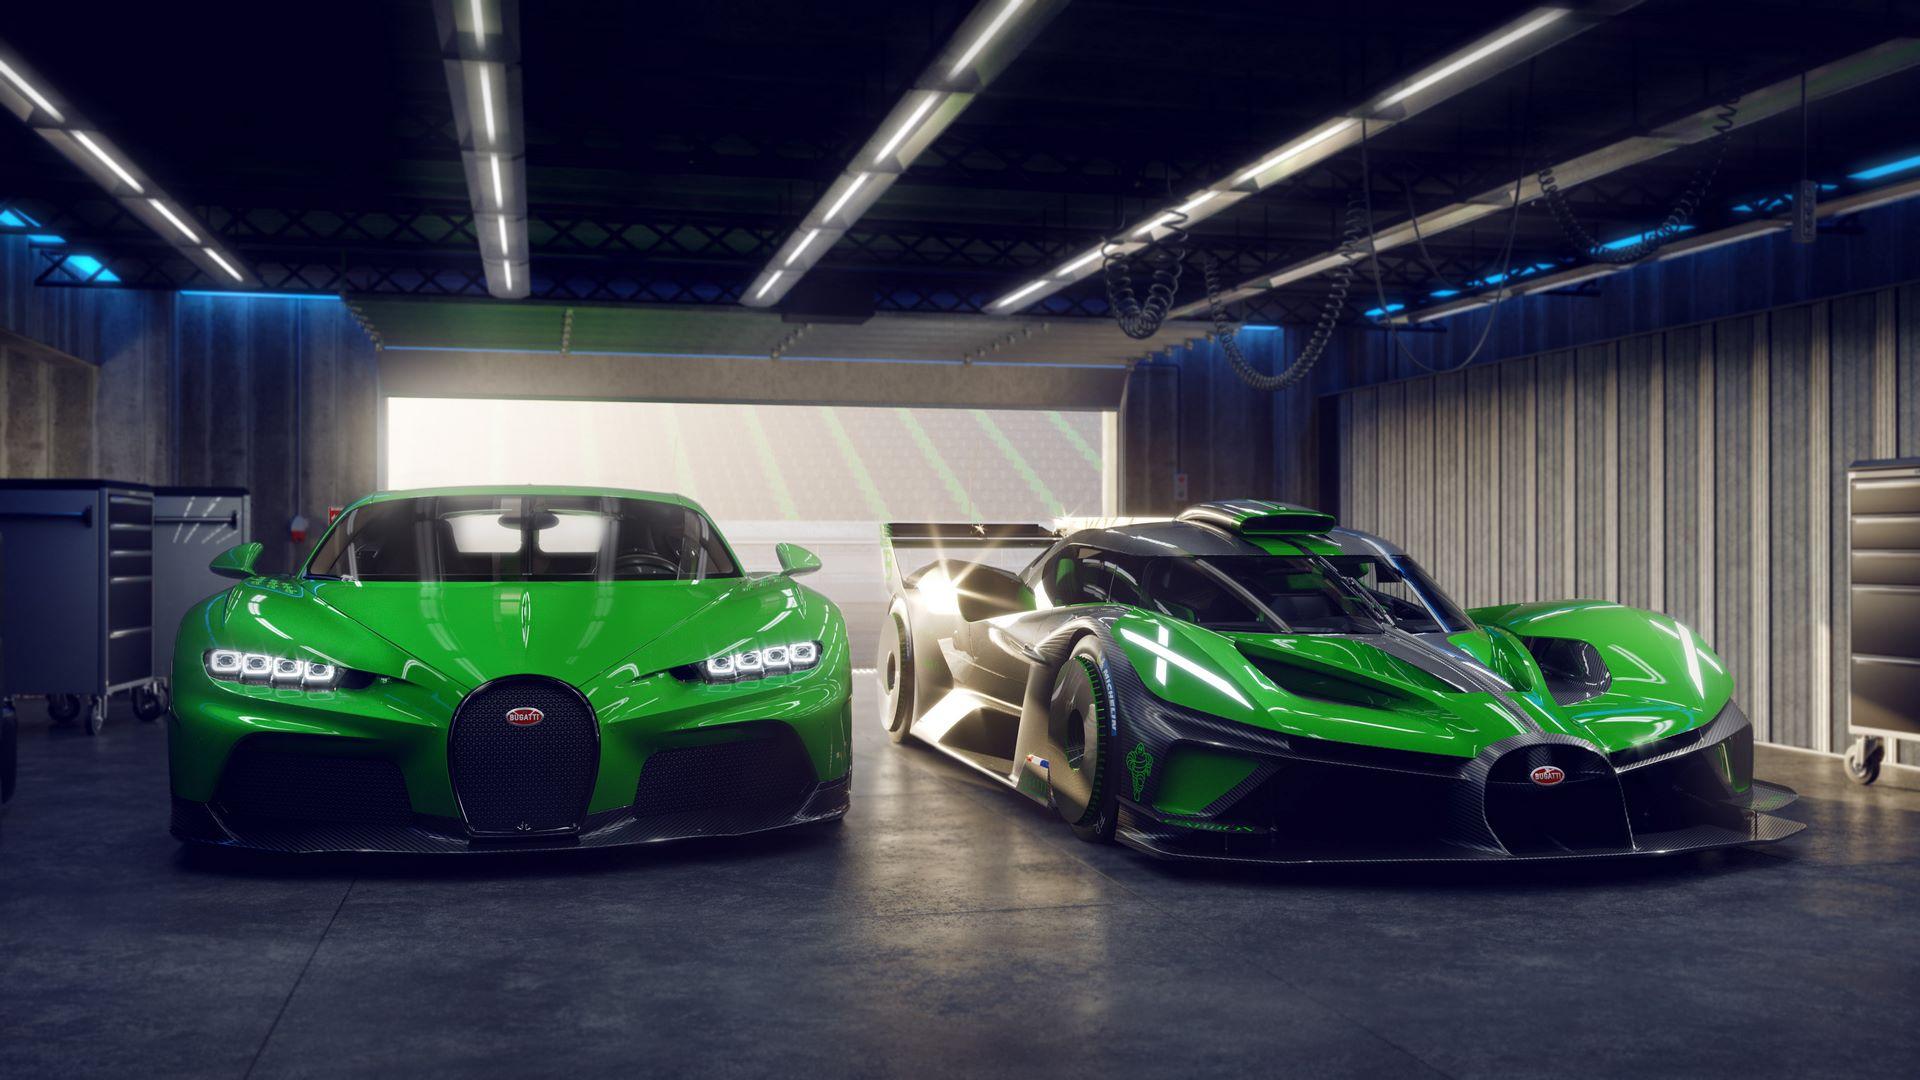 Bugatti-Bolide-production-version-2